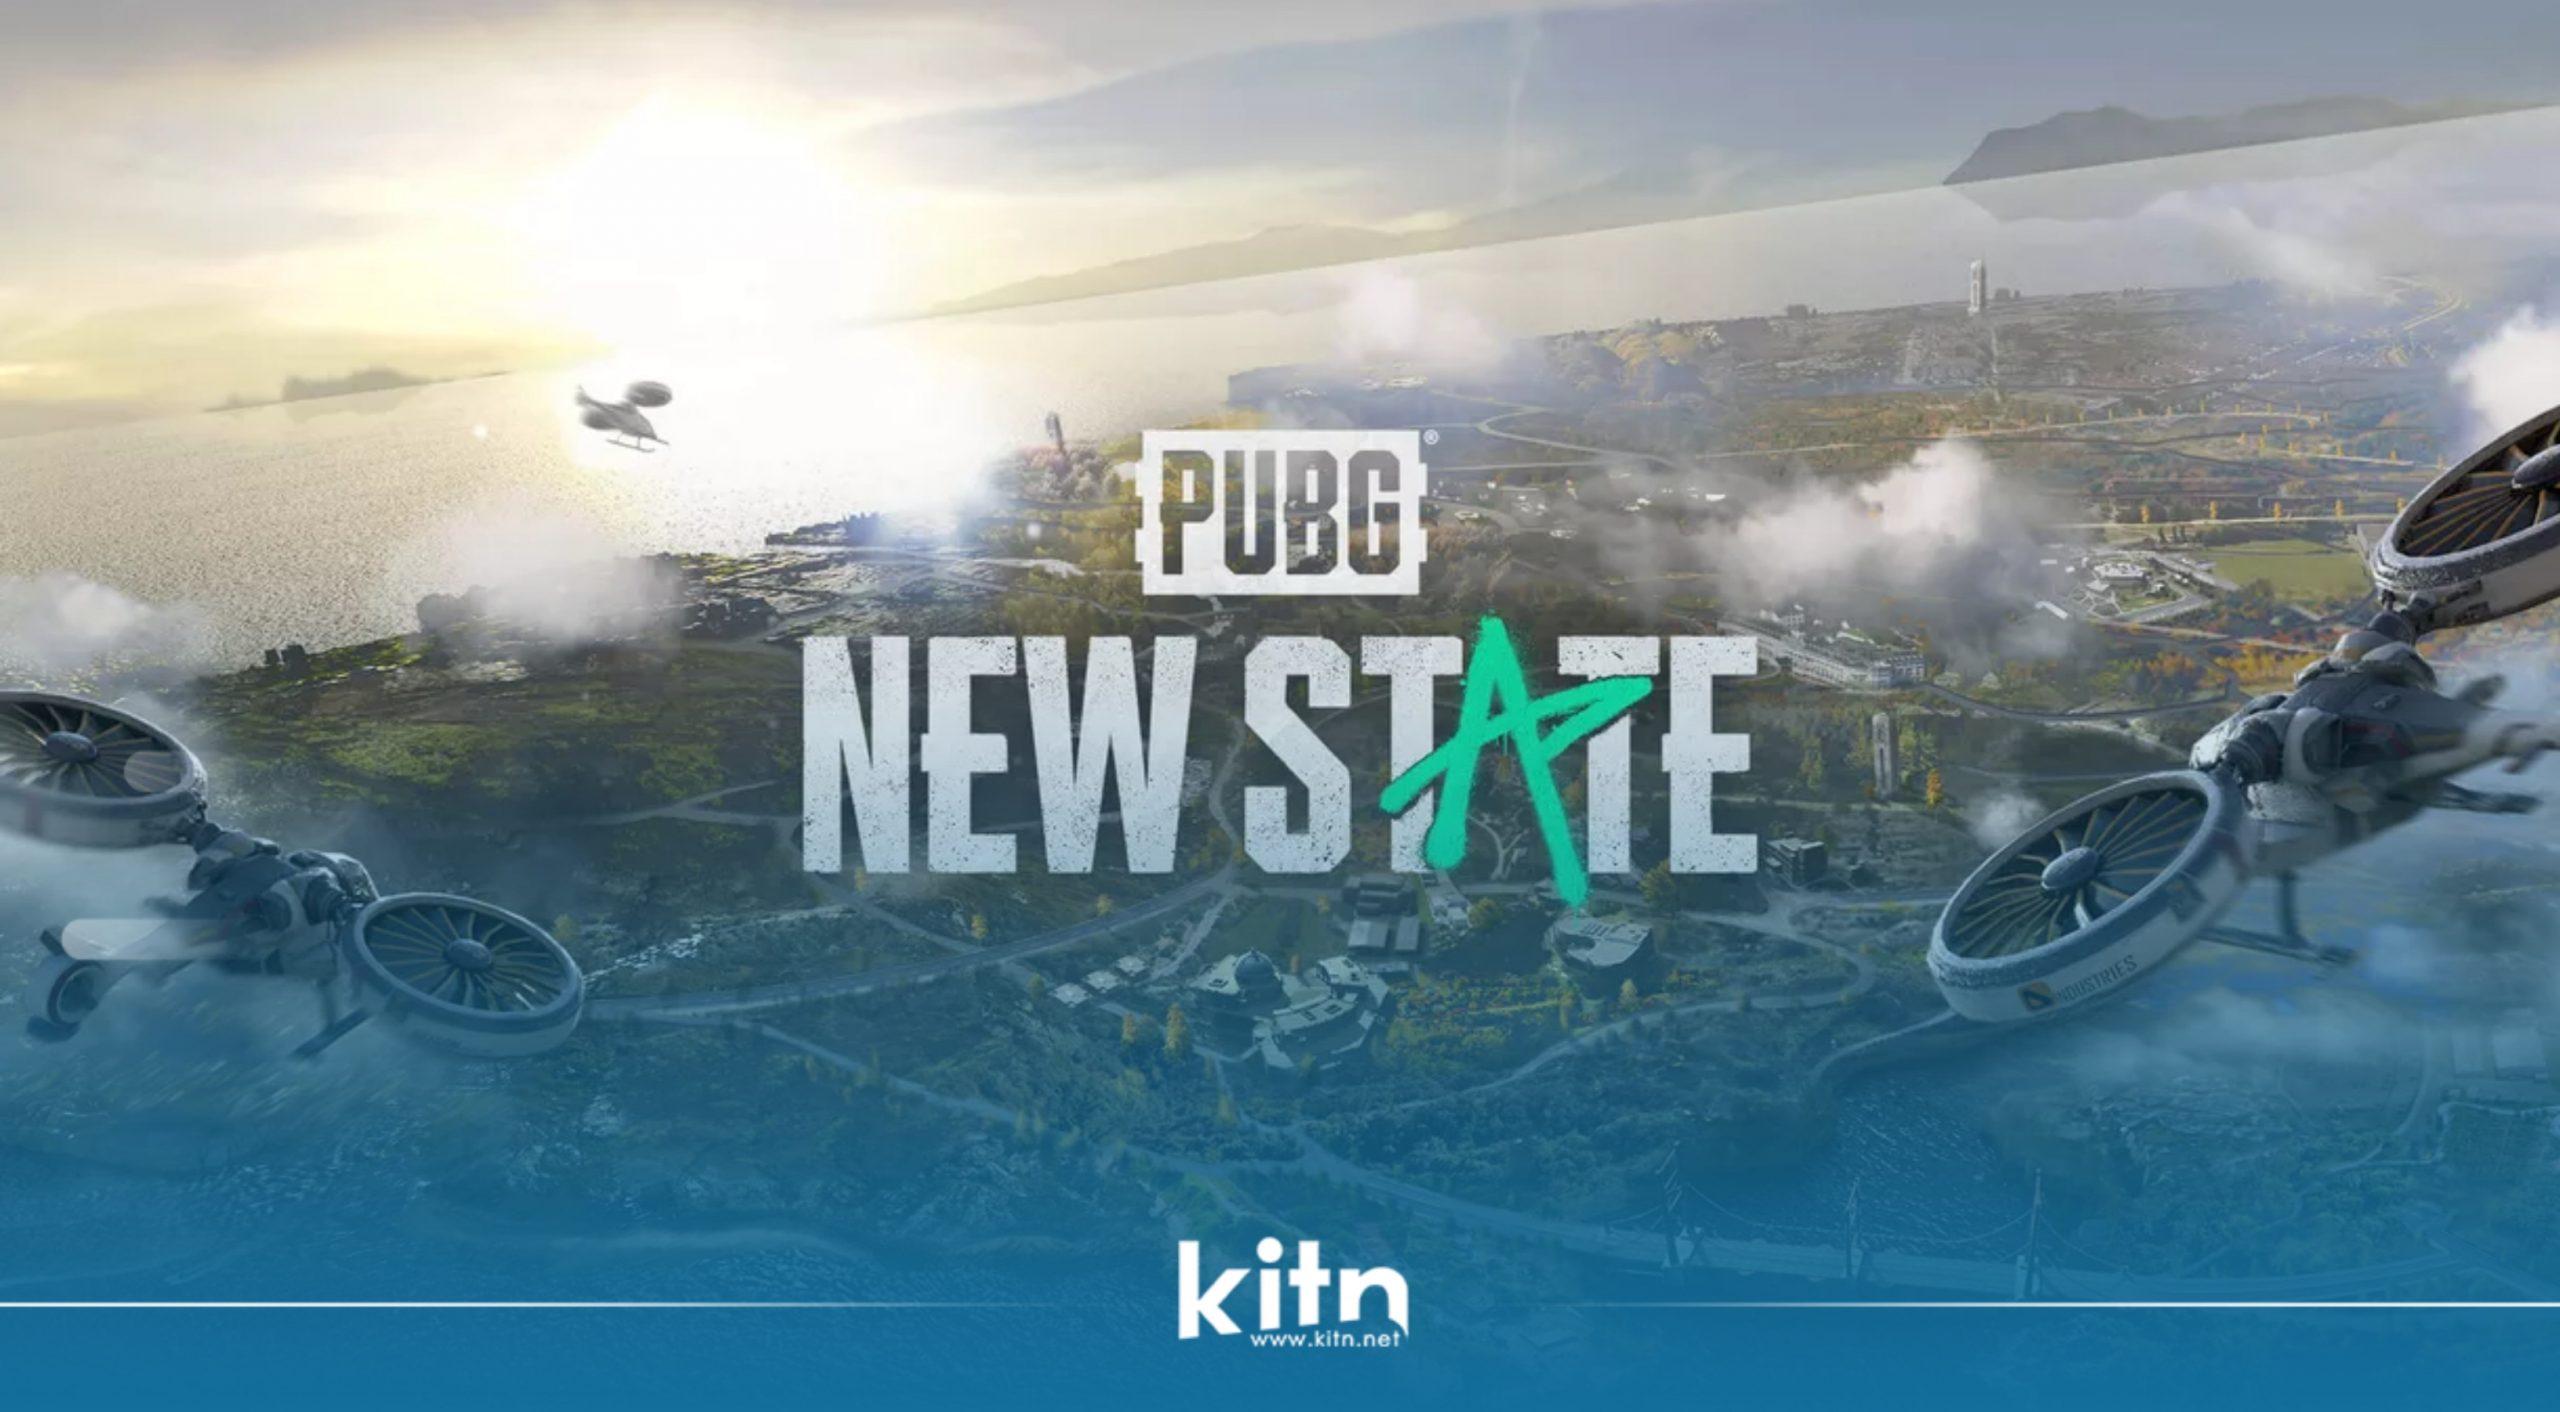 پەبجی: New State لە داهاتوودا Battle Royale نوێ دەبێت بۆ سیستەمی ئەندرۆید و iOS